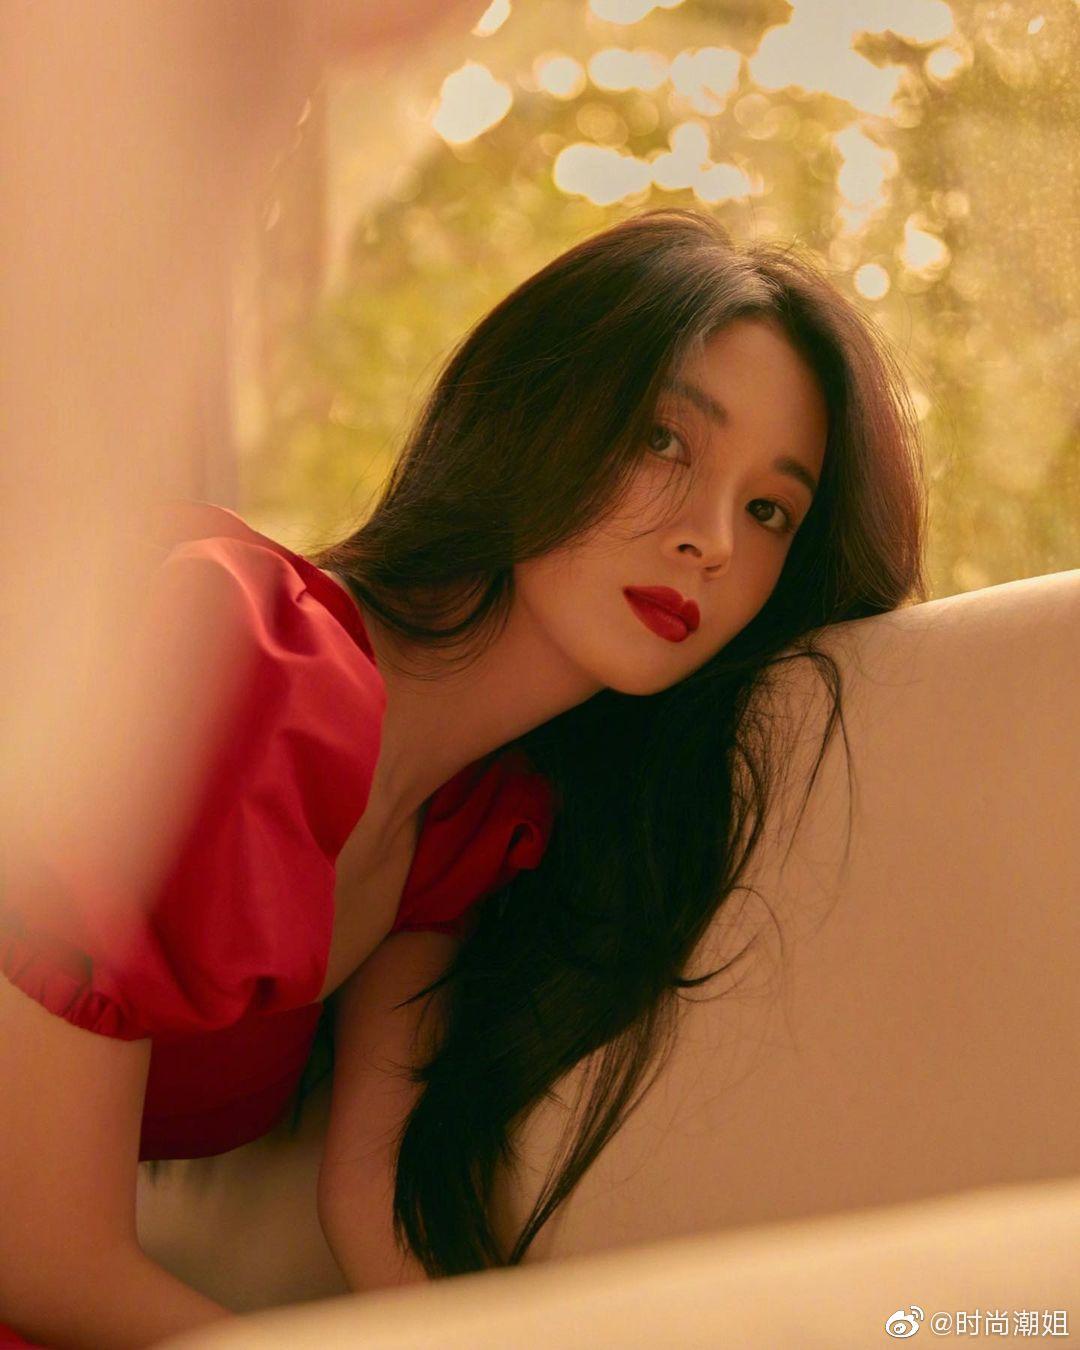 陈瑶性感写真图片,一袭红裙,清纯秀丽!